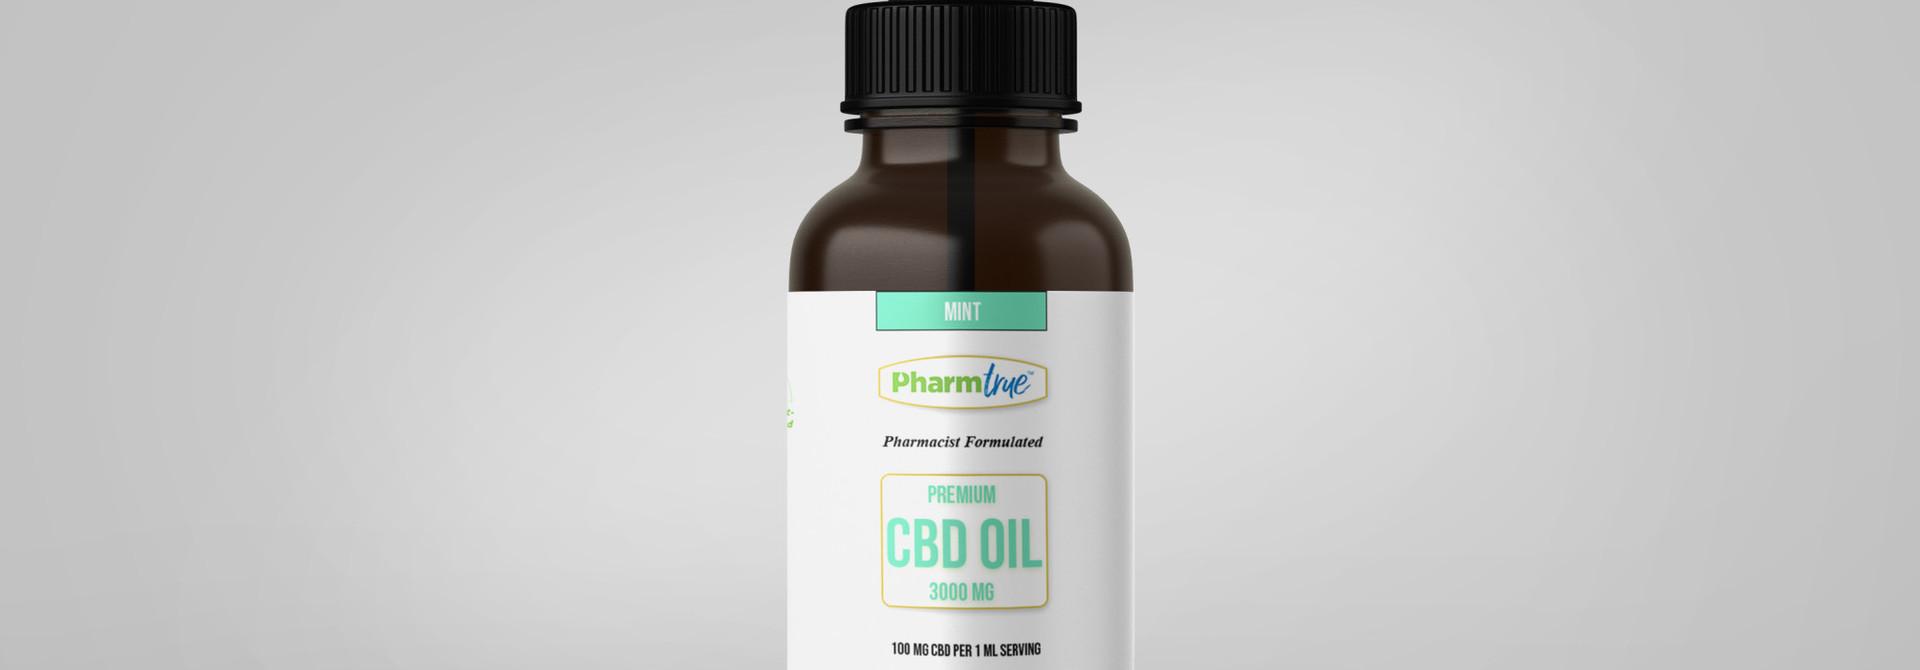 CBD OIL 3000 mg TINCTURE - Mint